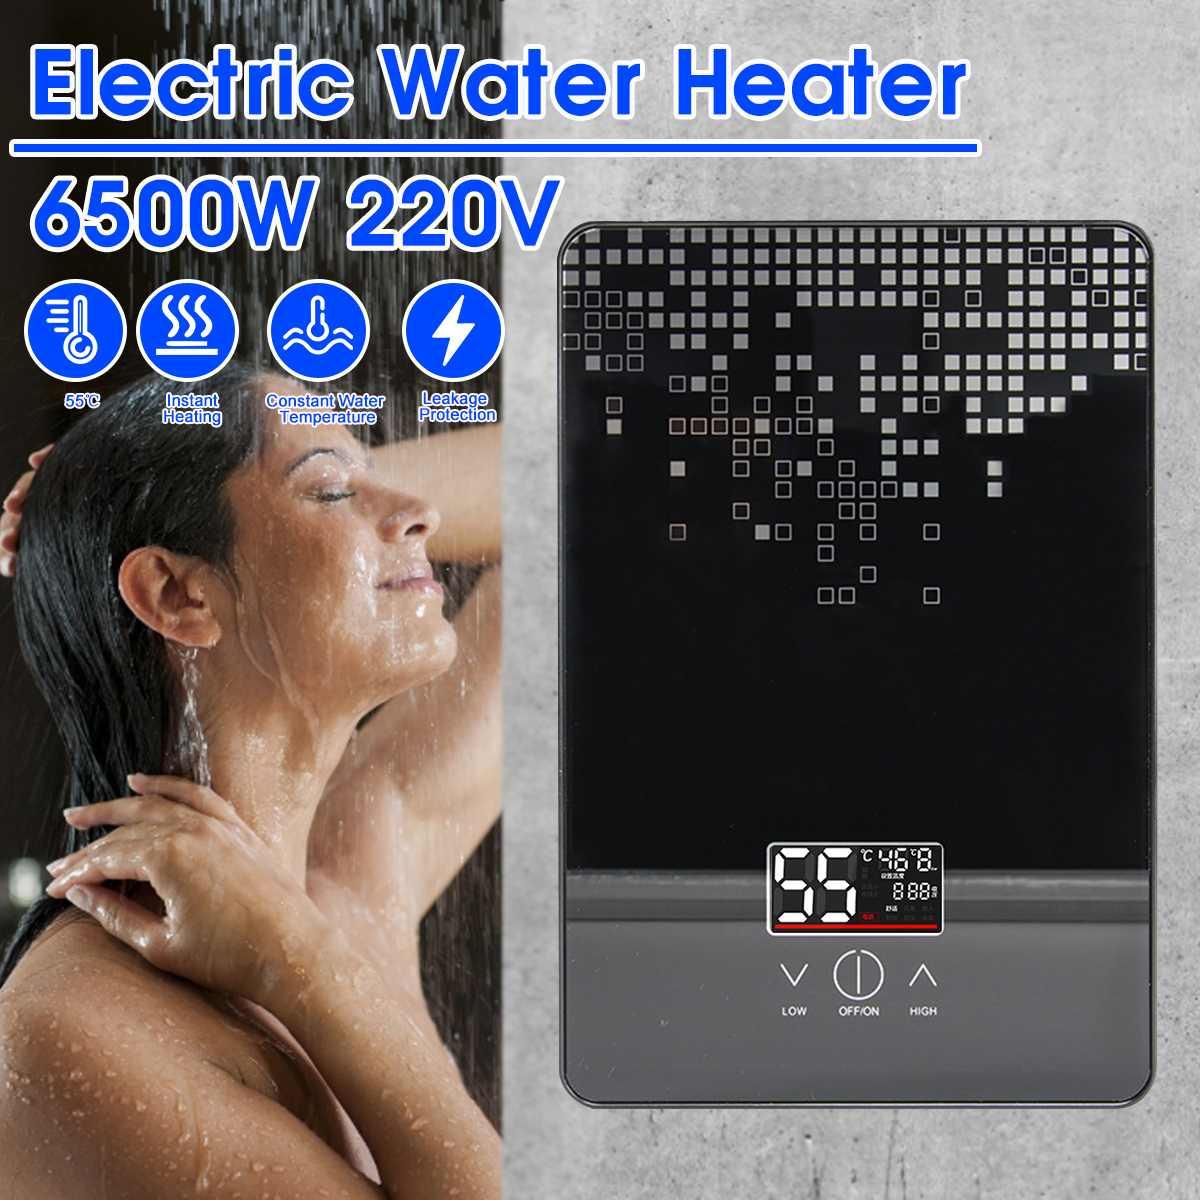 6500 واط الكهربائية سخان مياه ساخنة 220 فولت Tankless لحظة المرجل الحمام Tankless دش مجموعة ترموستات آمنة ذكي autoatica